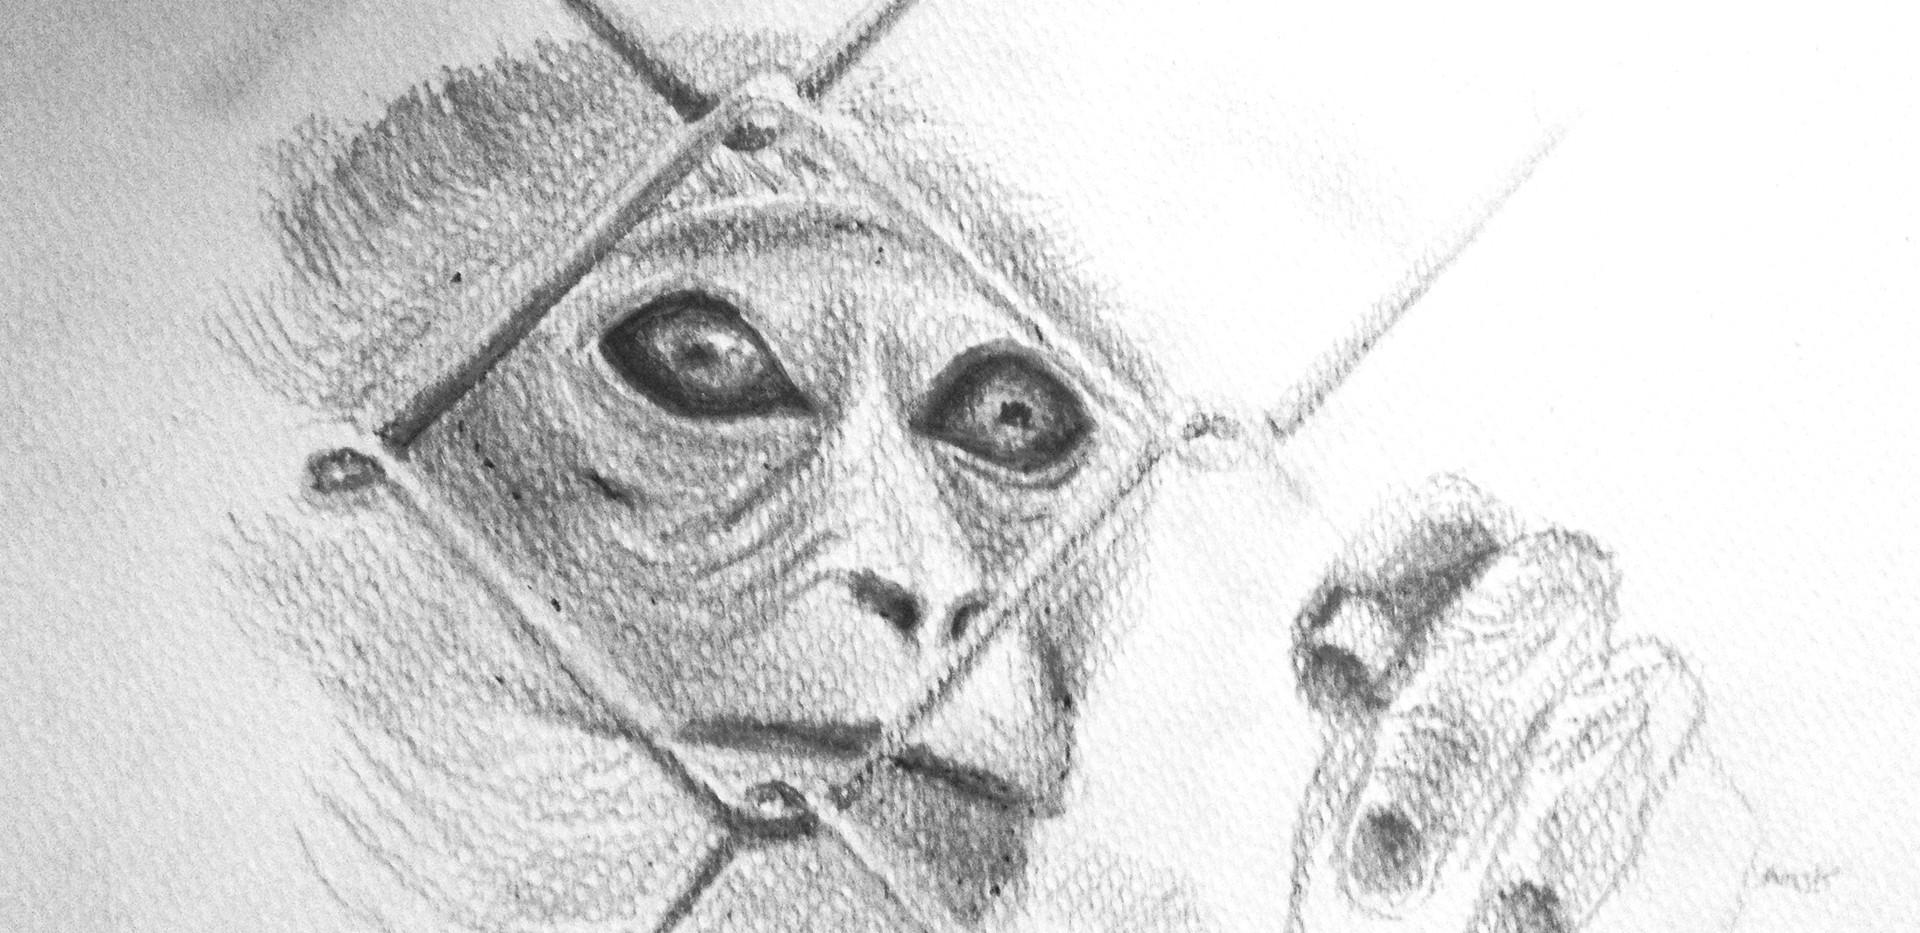 Monkey Sketch.jpg